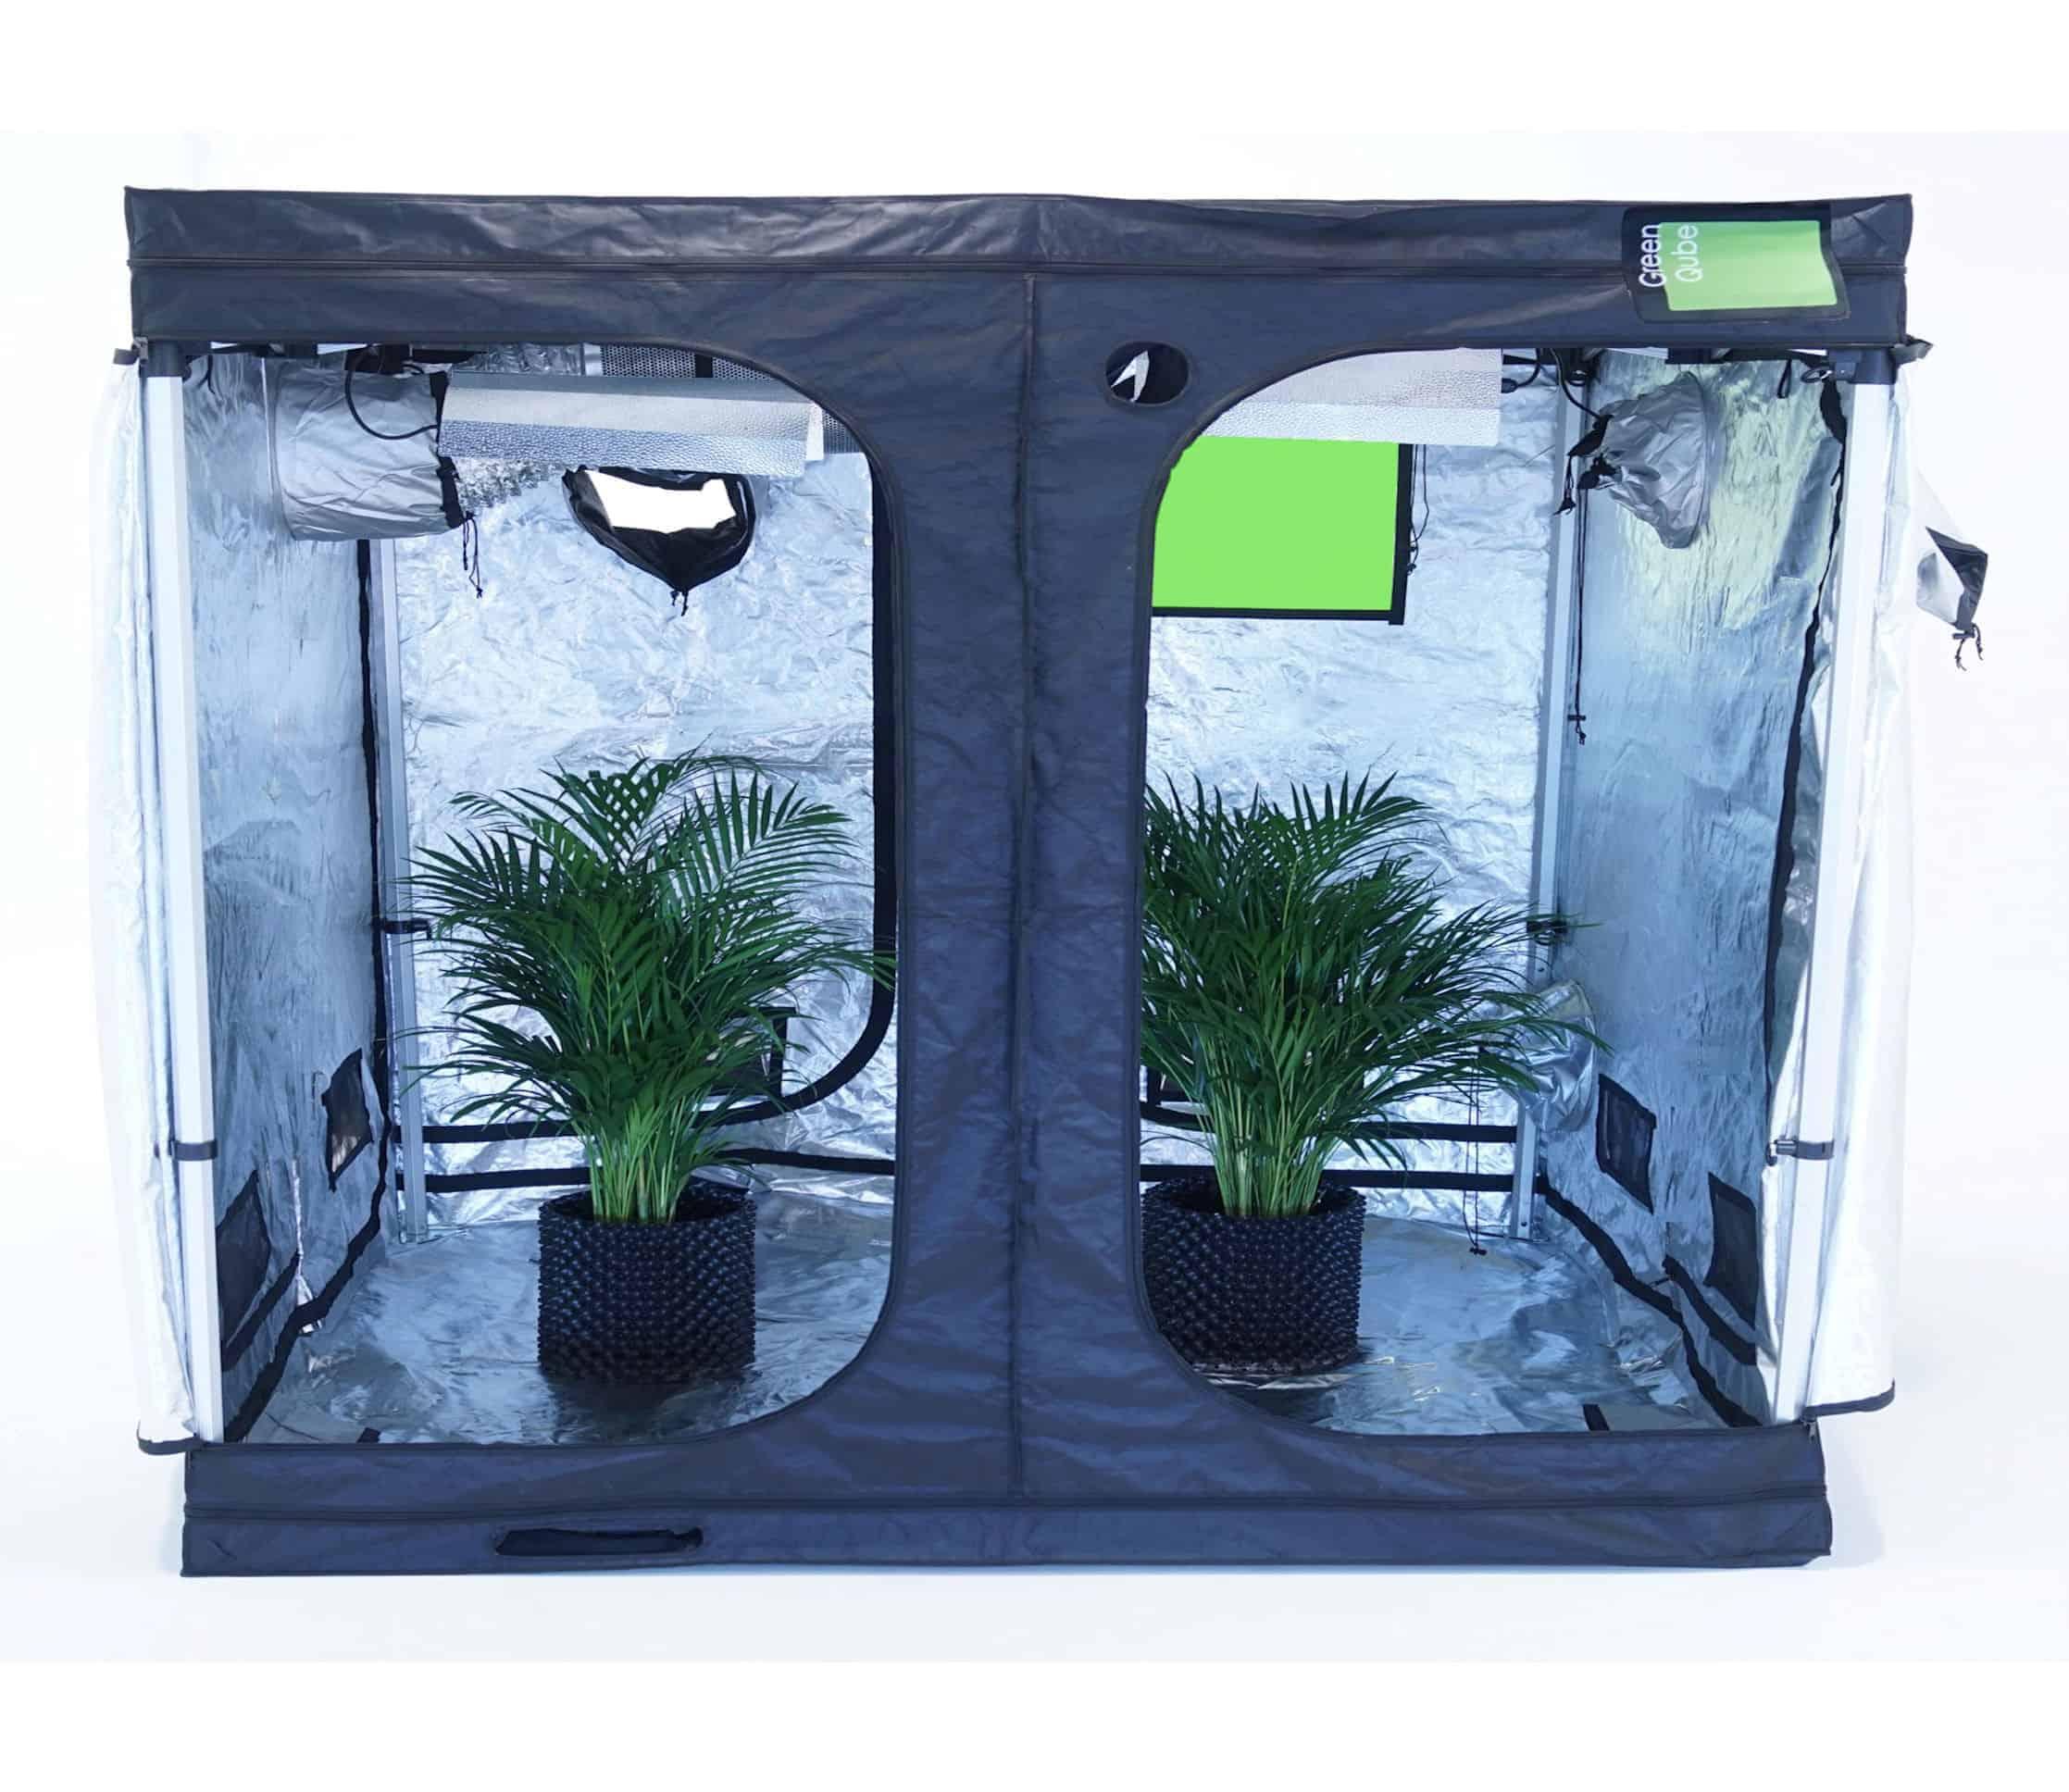 Quick Qube grow tents ...  sc 1 st  Green Qube & Quick Qube 300 - Grow Tent - 3m x 3m x 2.2m -Grow tents